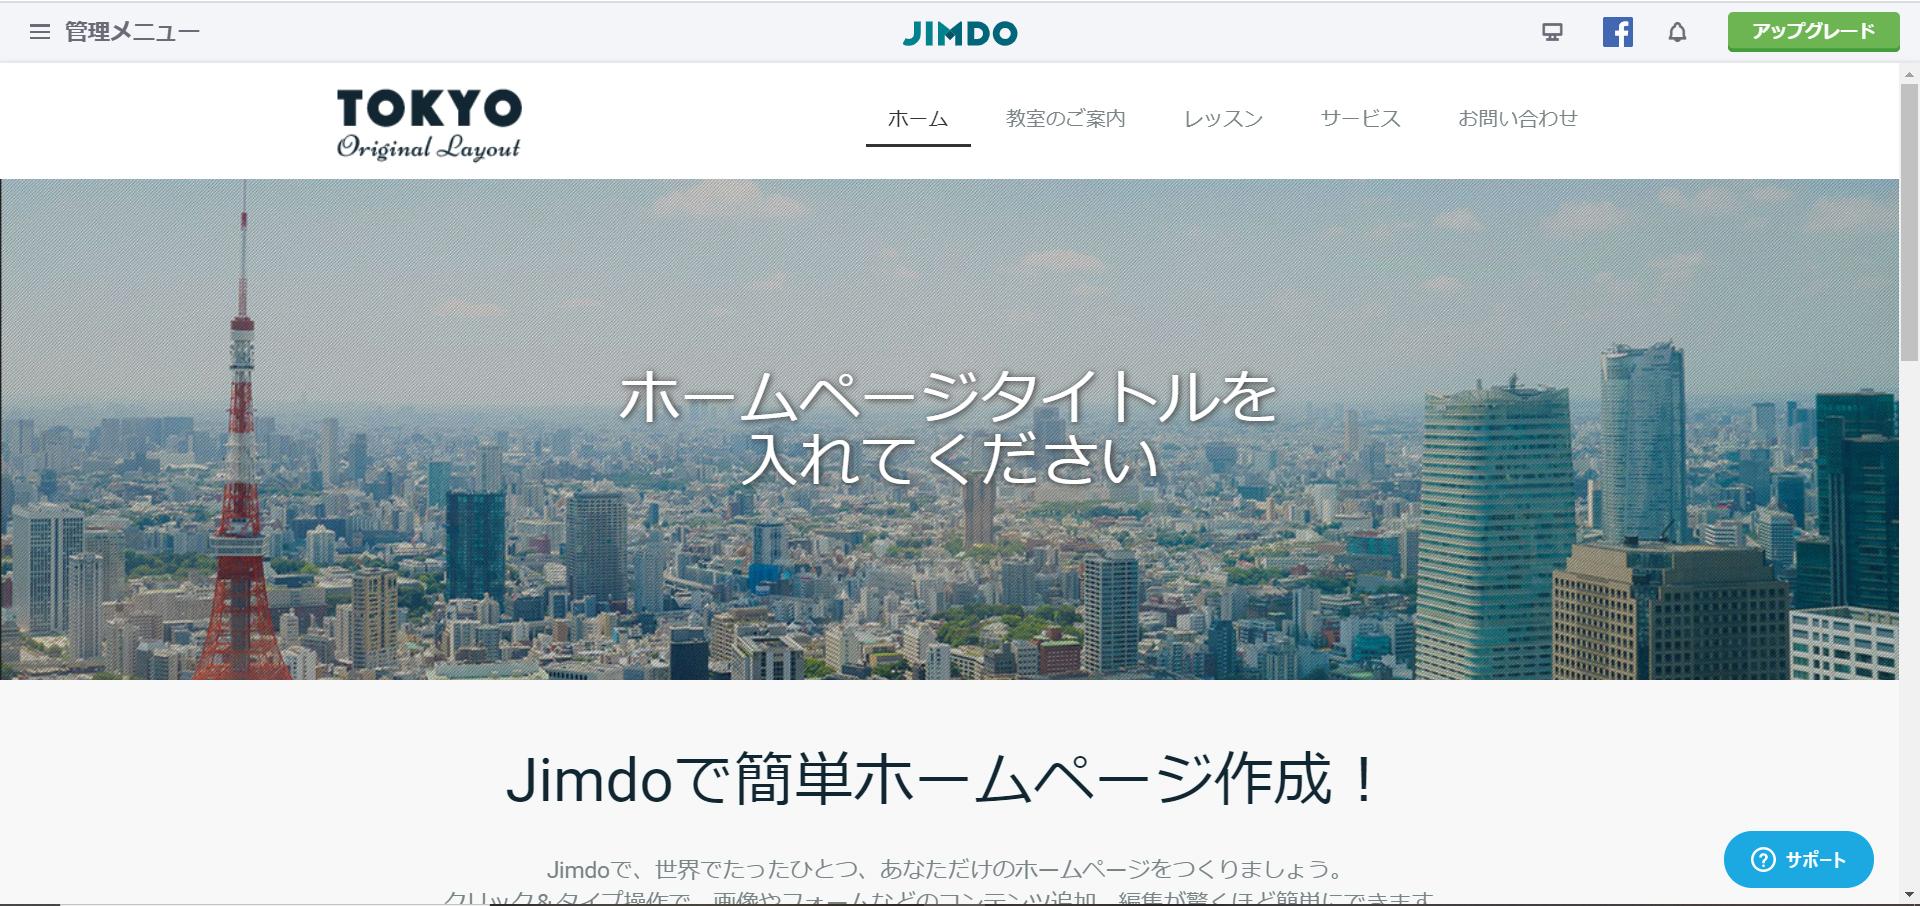 Jimdoトップページ